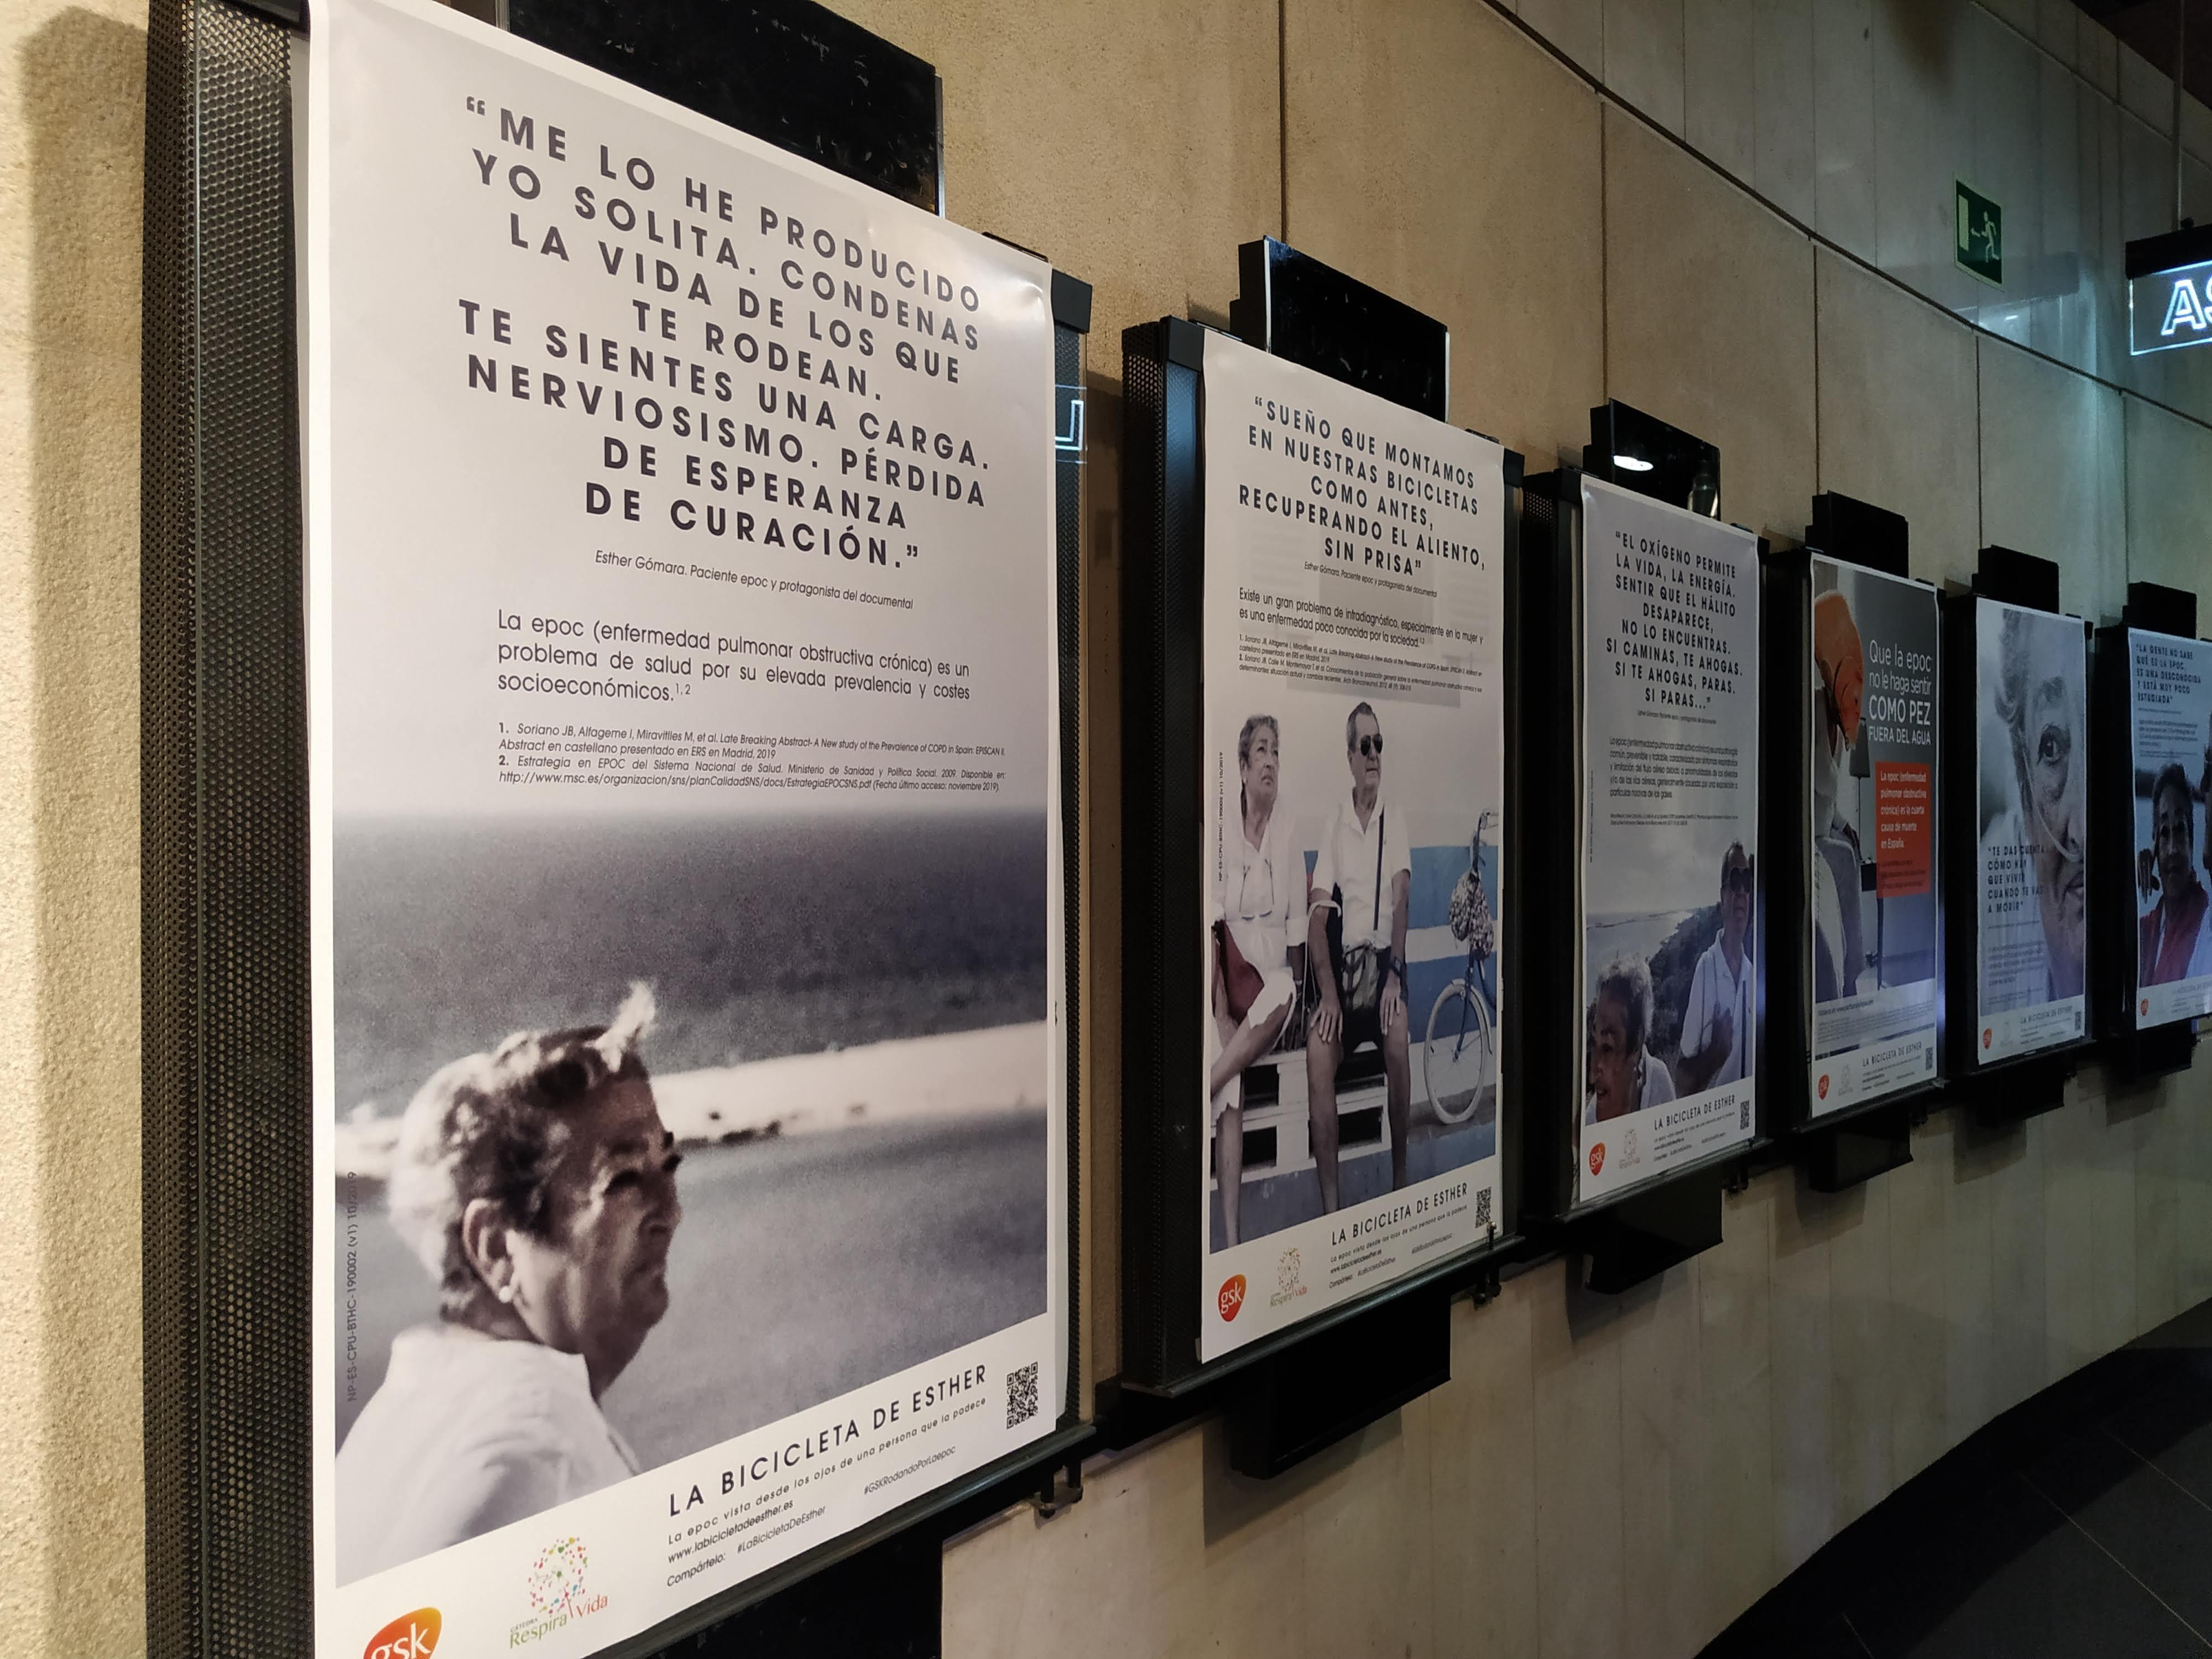 """bicicleta esther - GSK y la Cátedra RespiraVida presentan el documental """"La bicicleta de Esther"""" para concienciar sobre la epoc"""